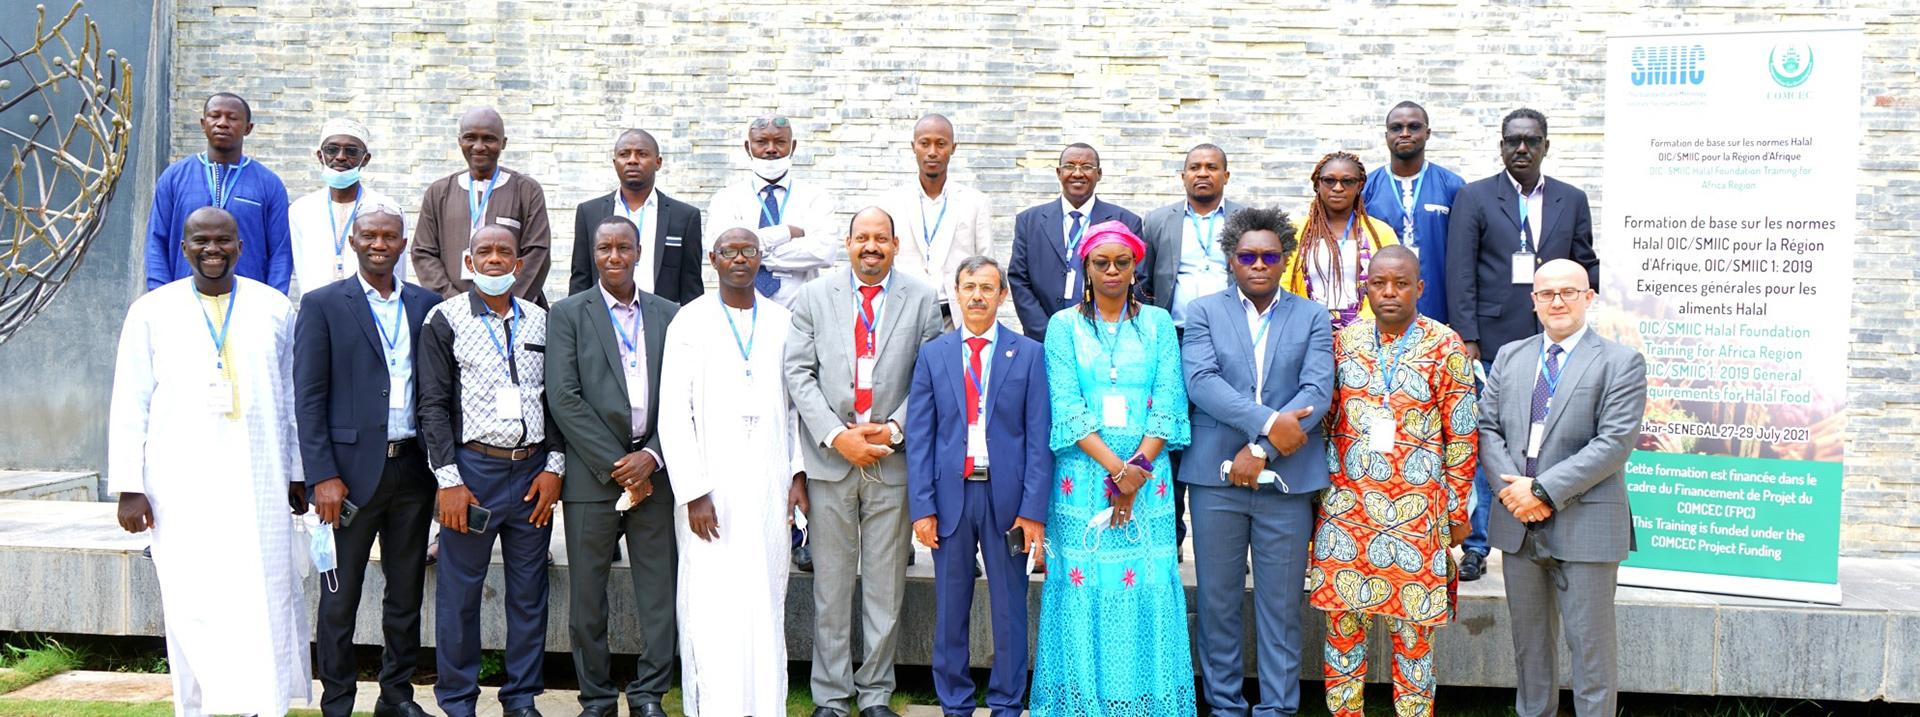 """Afrika Bölgesi için """"OIC/SMIIC 1 Helal Gıda için Genel Kurallar Eğitimi"""" Projesi"""